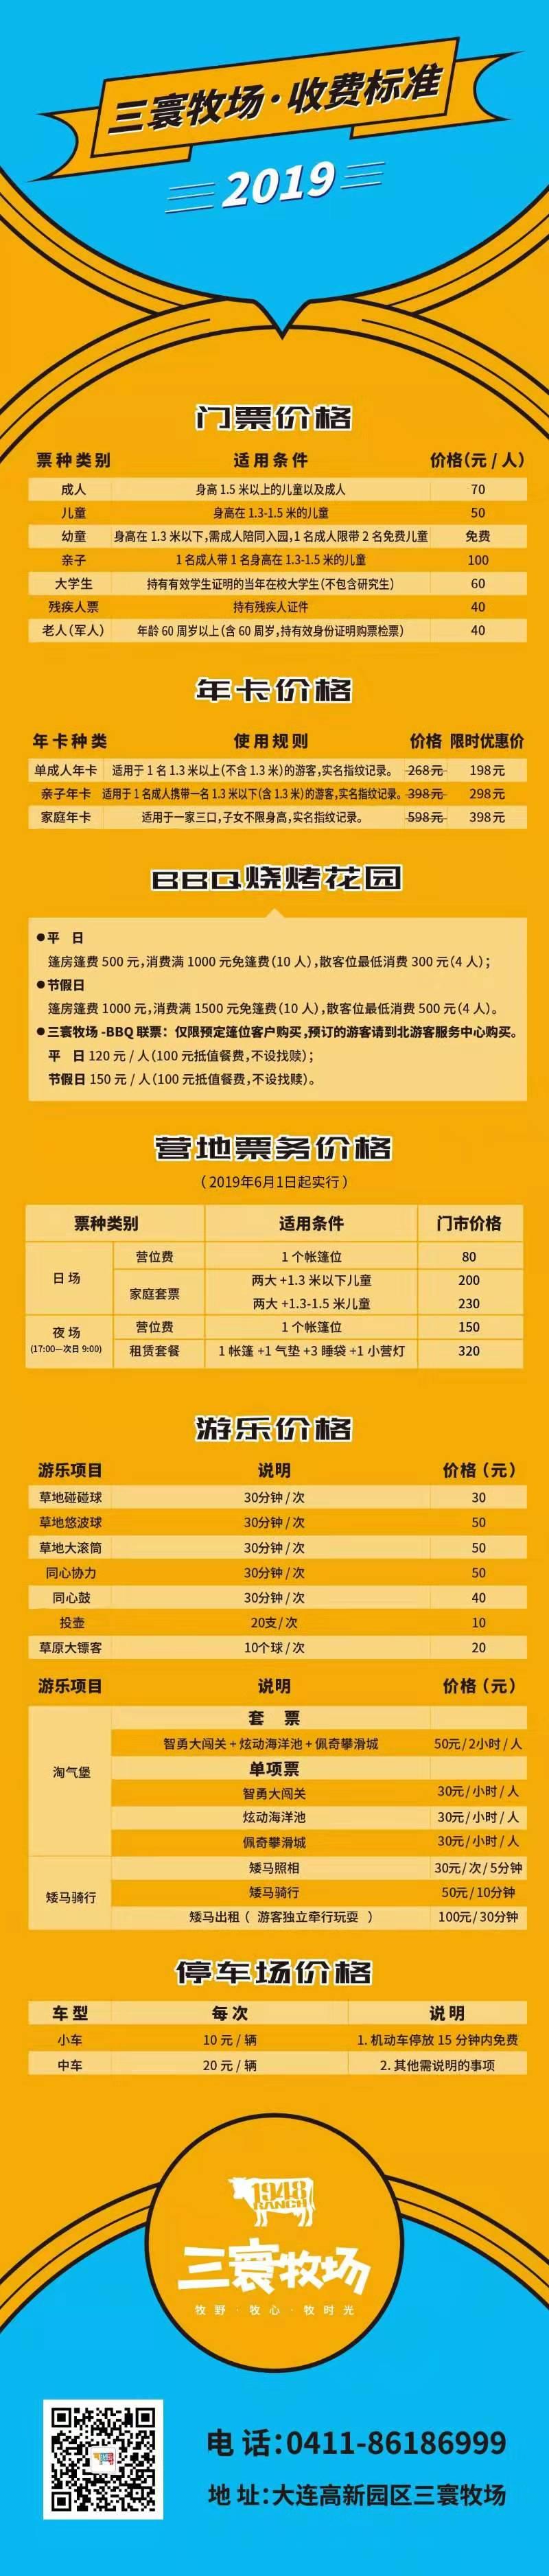 2019大连三寰牧场全攻略(地点+交通+门票+景点介绍)